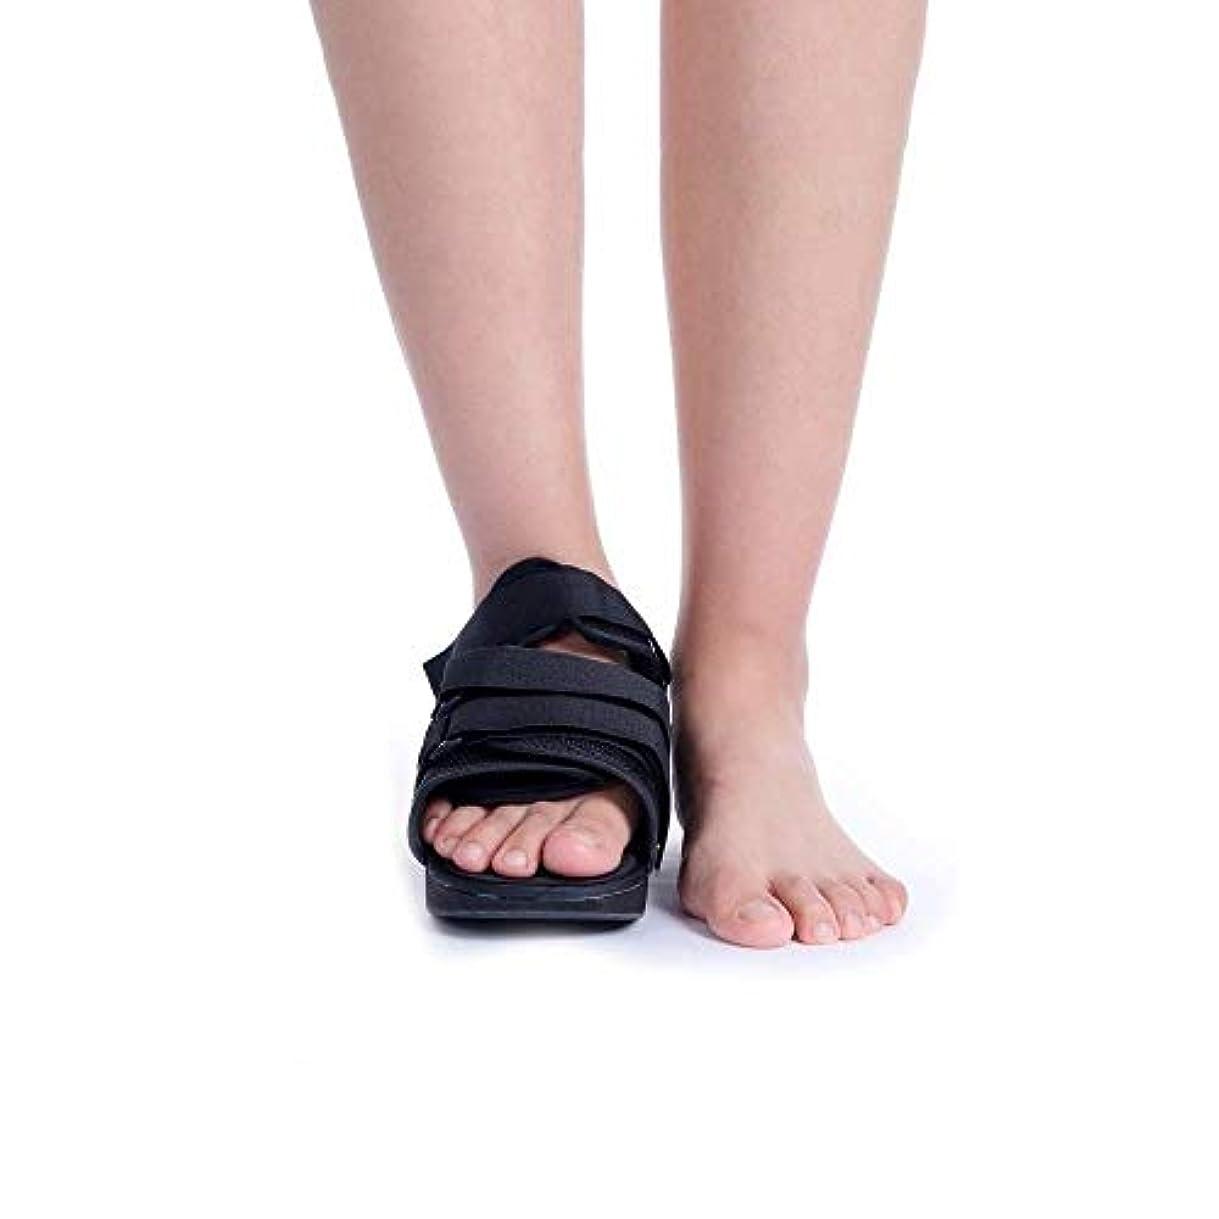 提案受け皿水銀の術後靴 - 従来の履物を使用することができない場合に、足またはつま先の手術/手術に最適です。 (Size : S)